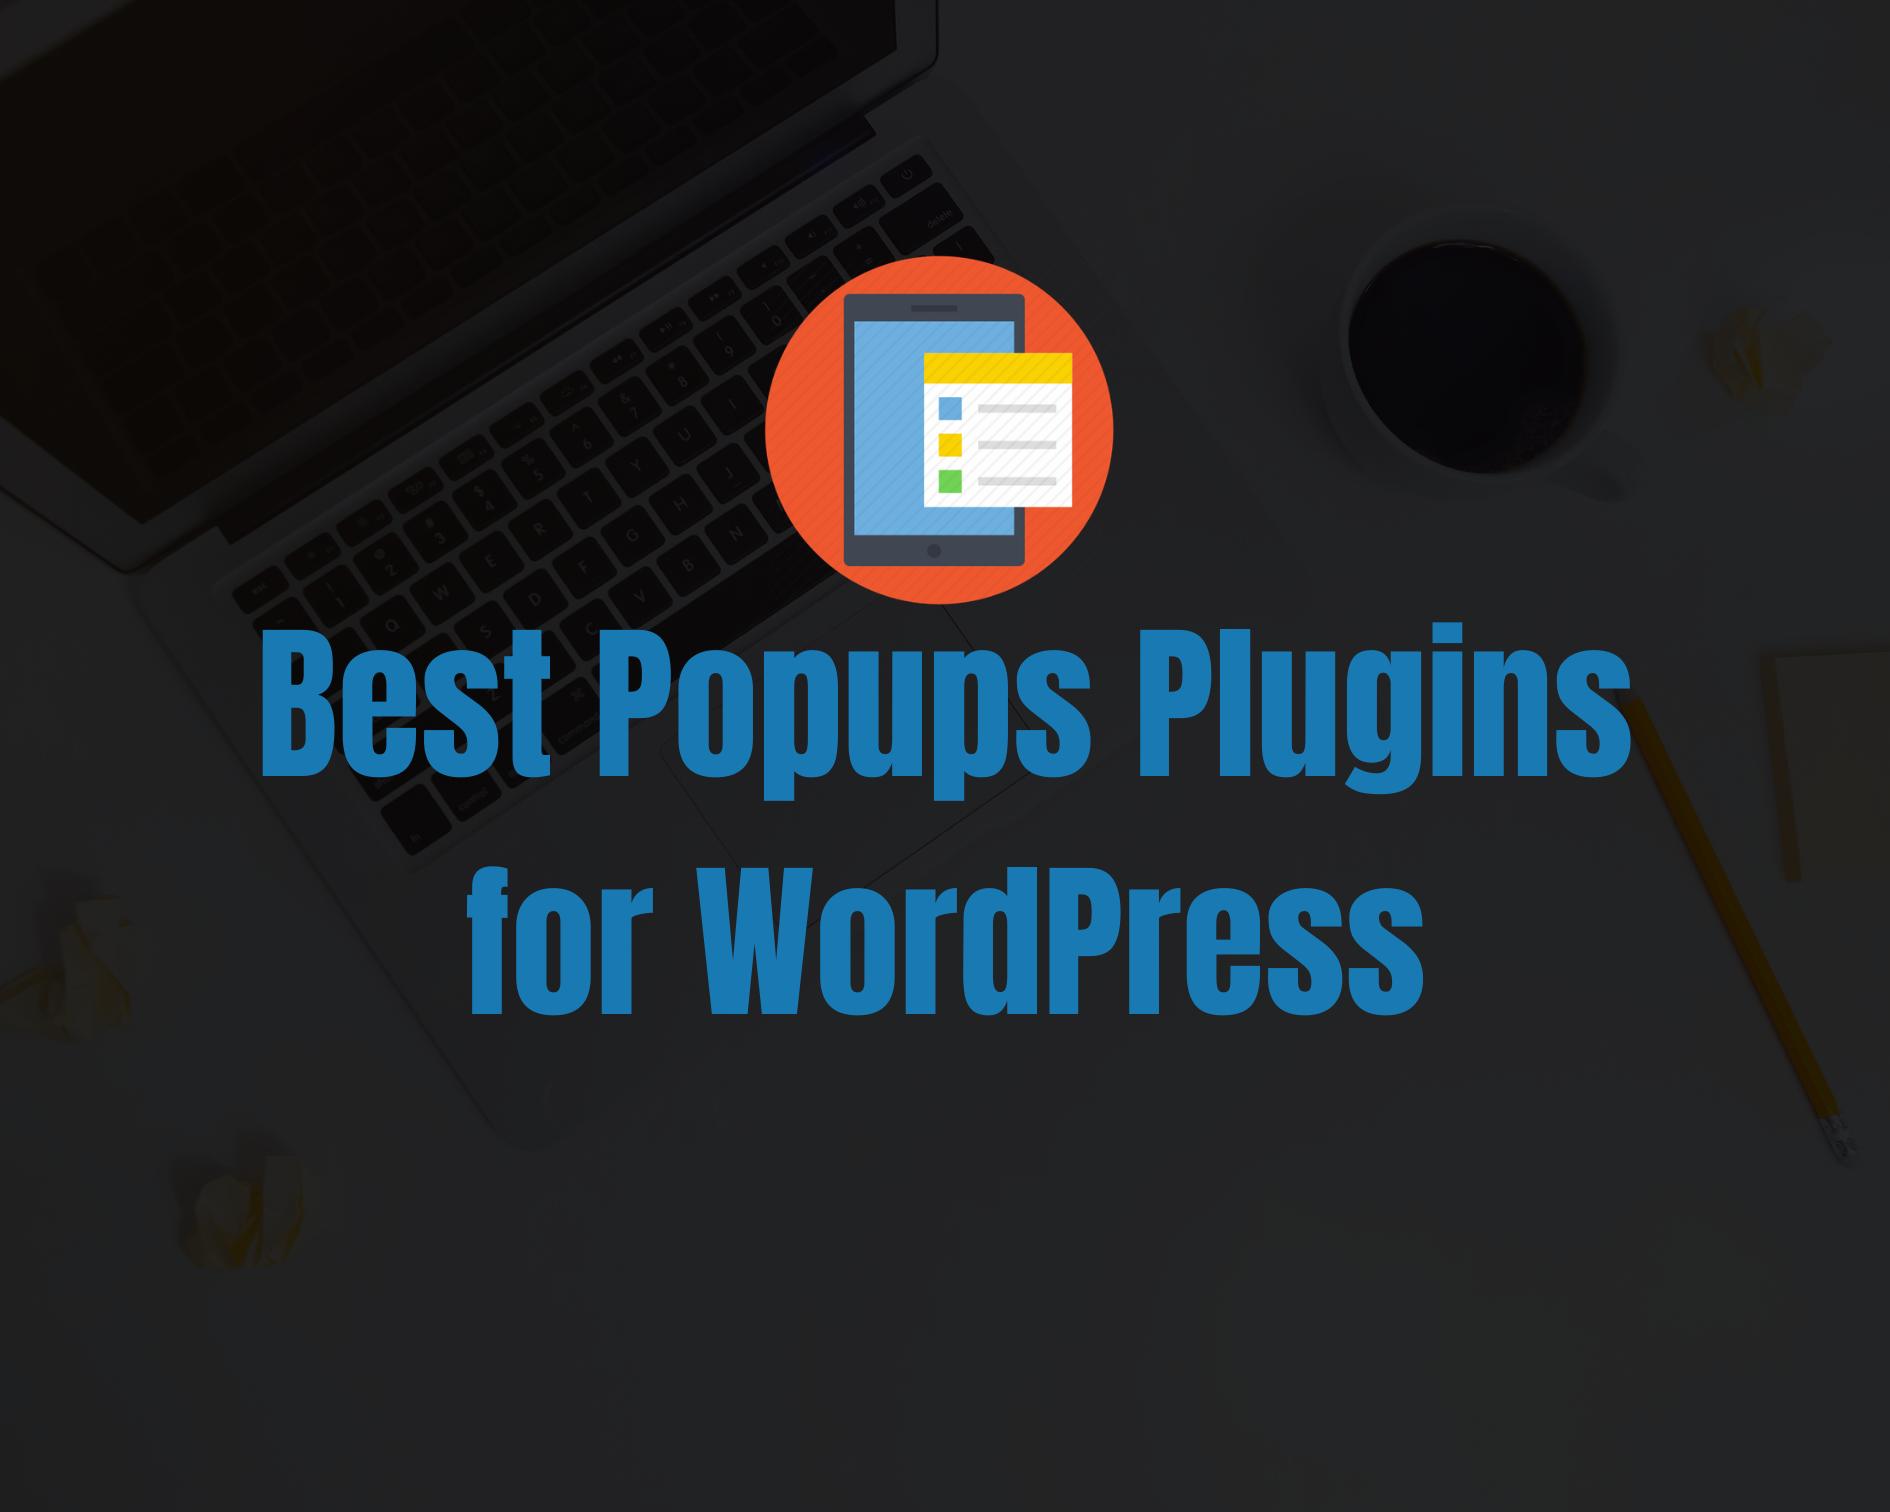 7 Best WordPress Popup Plugins of 2020